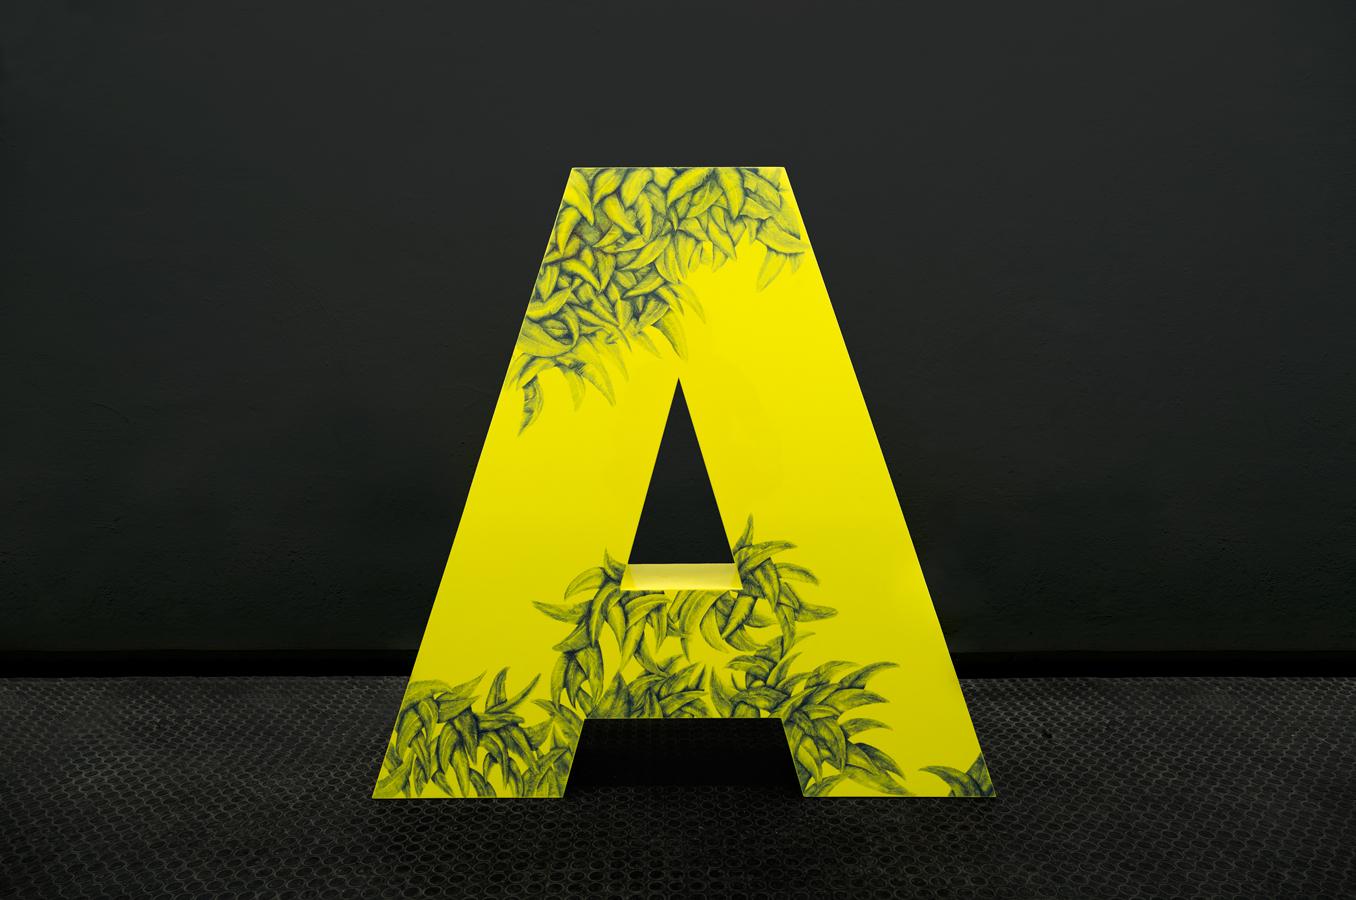 A_n_1